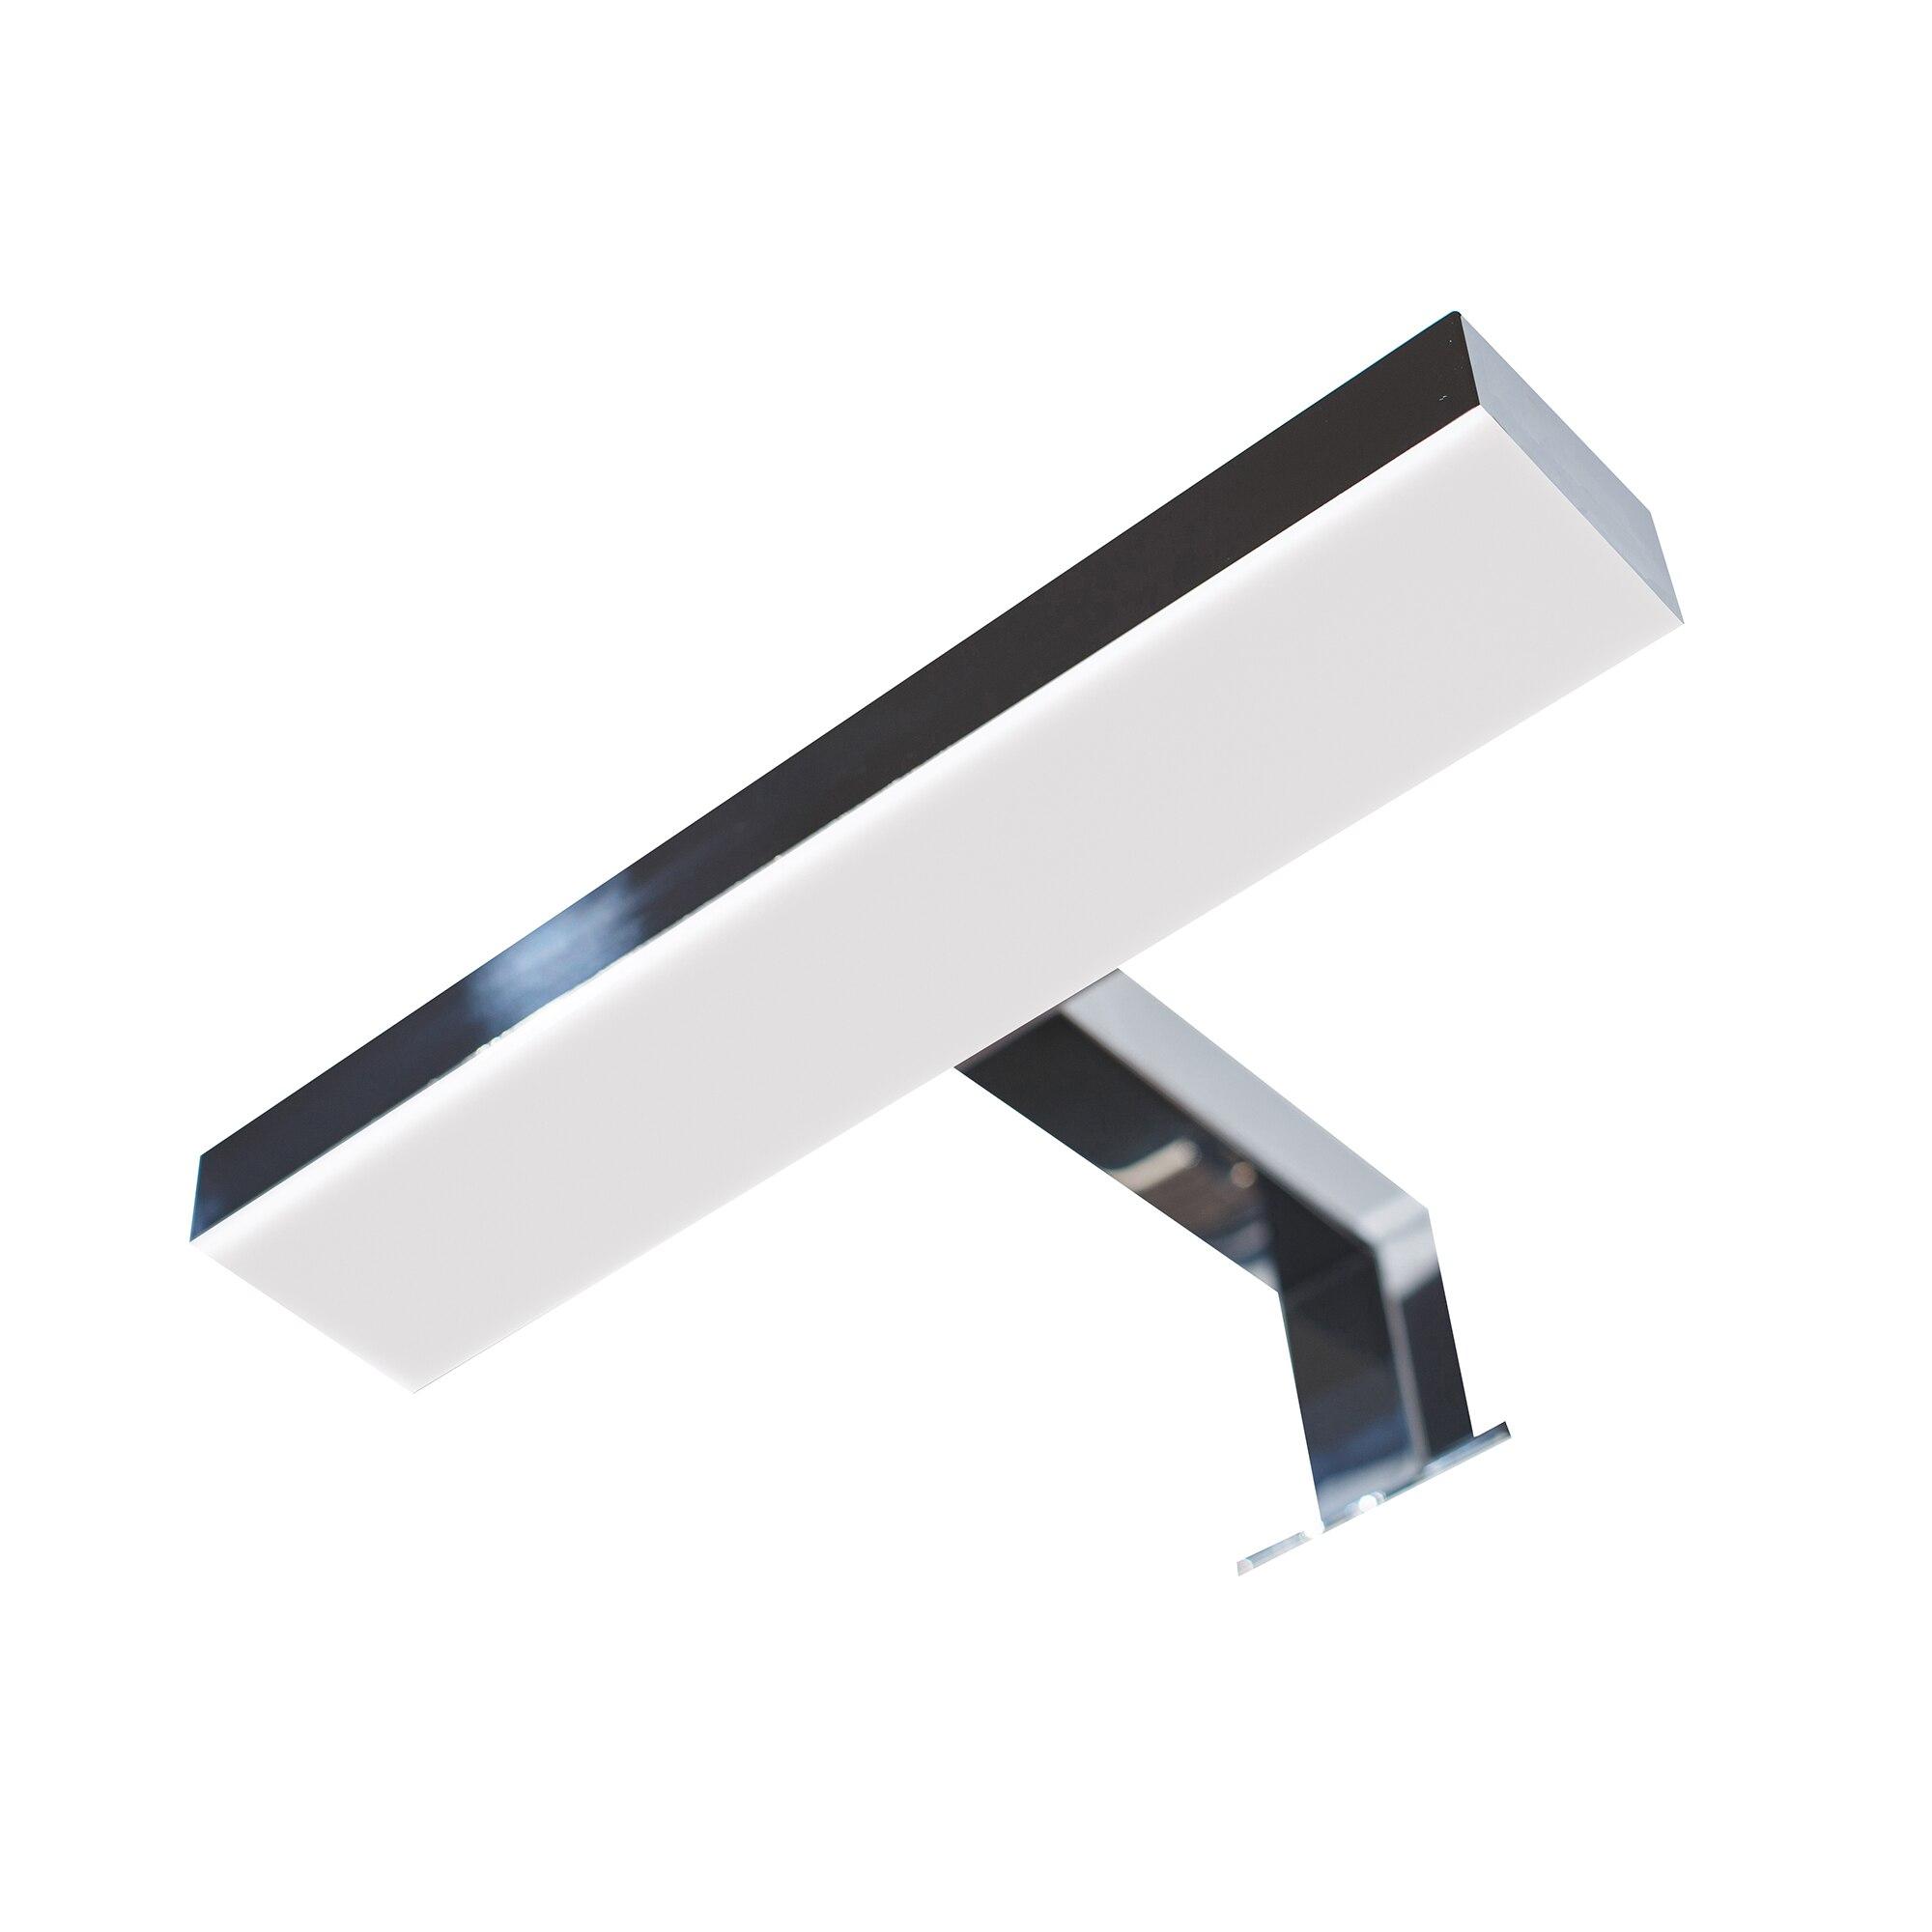 Fotografie Lampa LED Saturn Kring, 4.5W, pentru Rovere Bianco, Zaffiro, Corallo, 20 x 5 x 12.5 cm